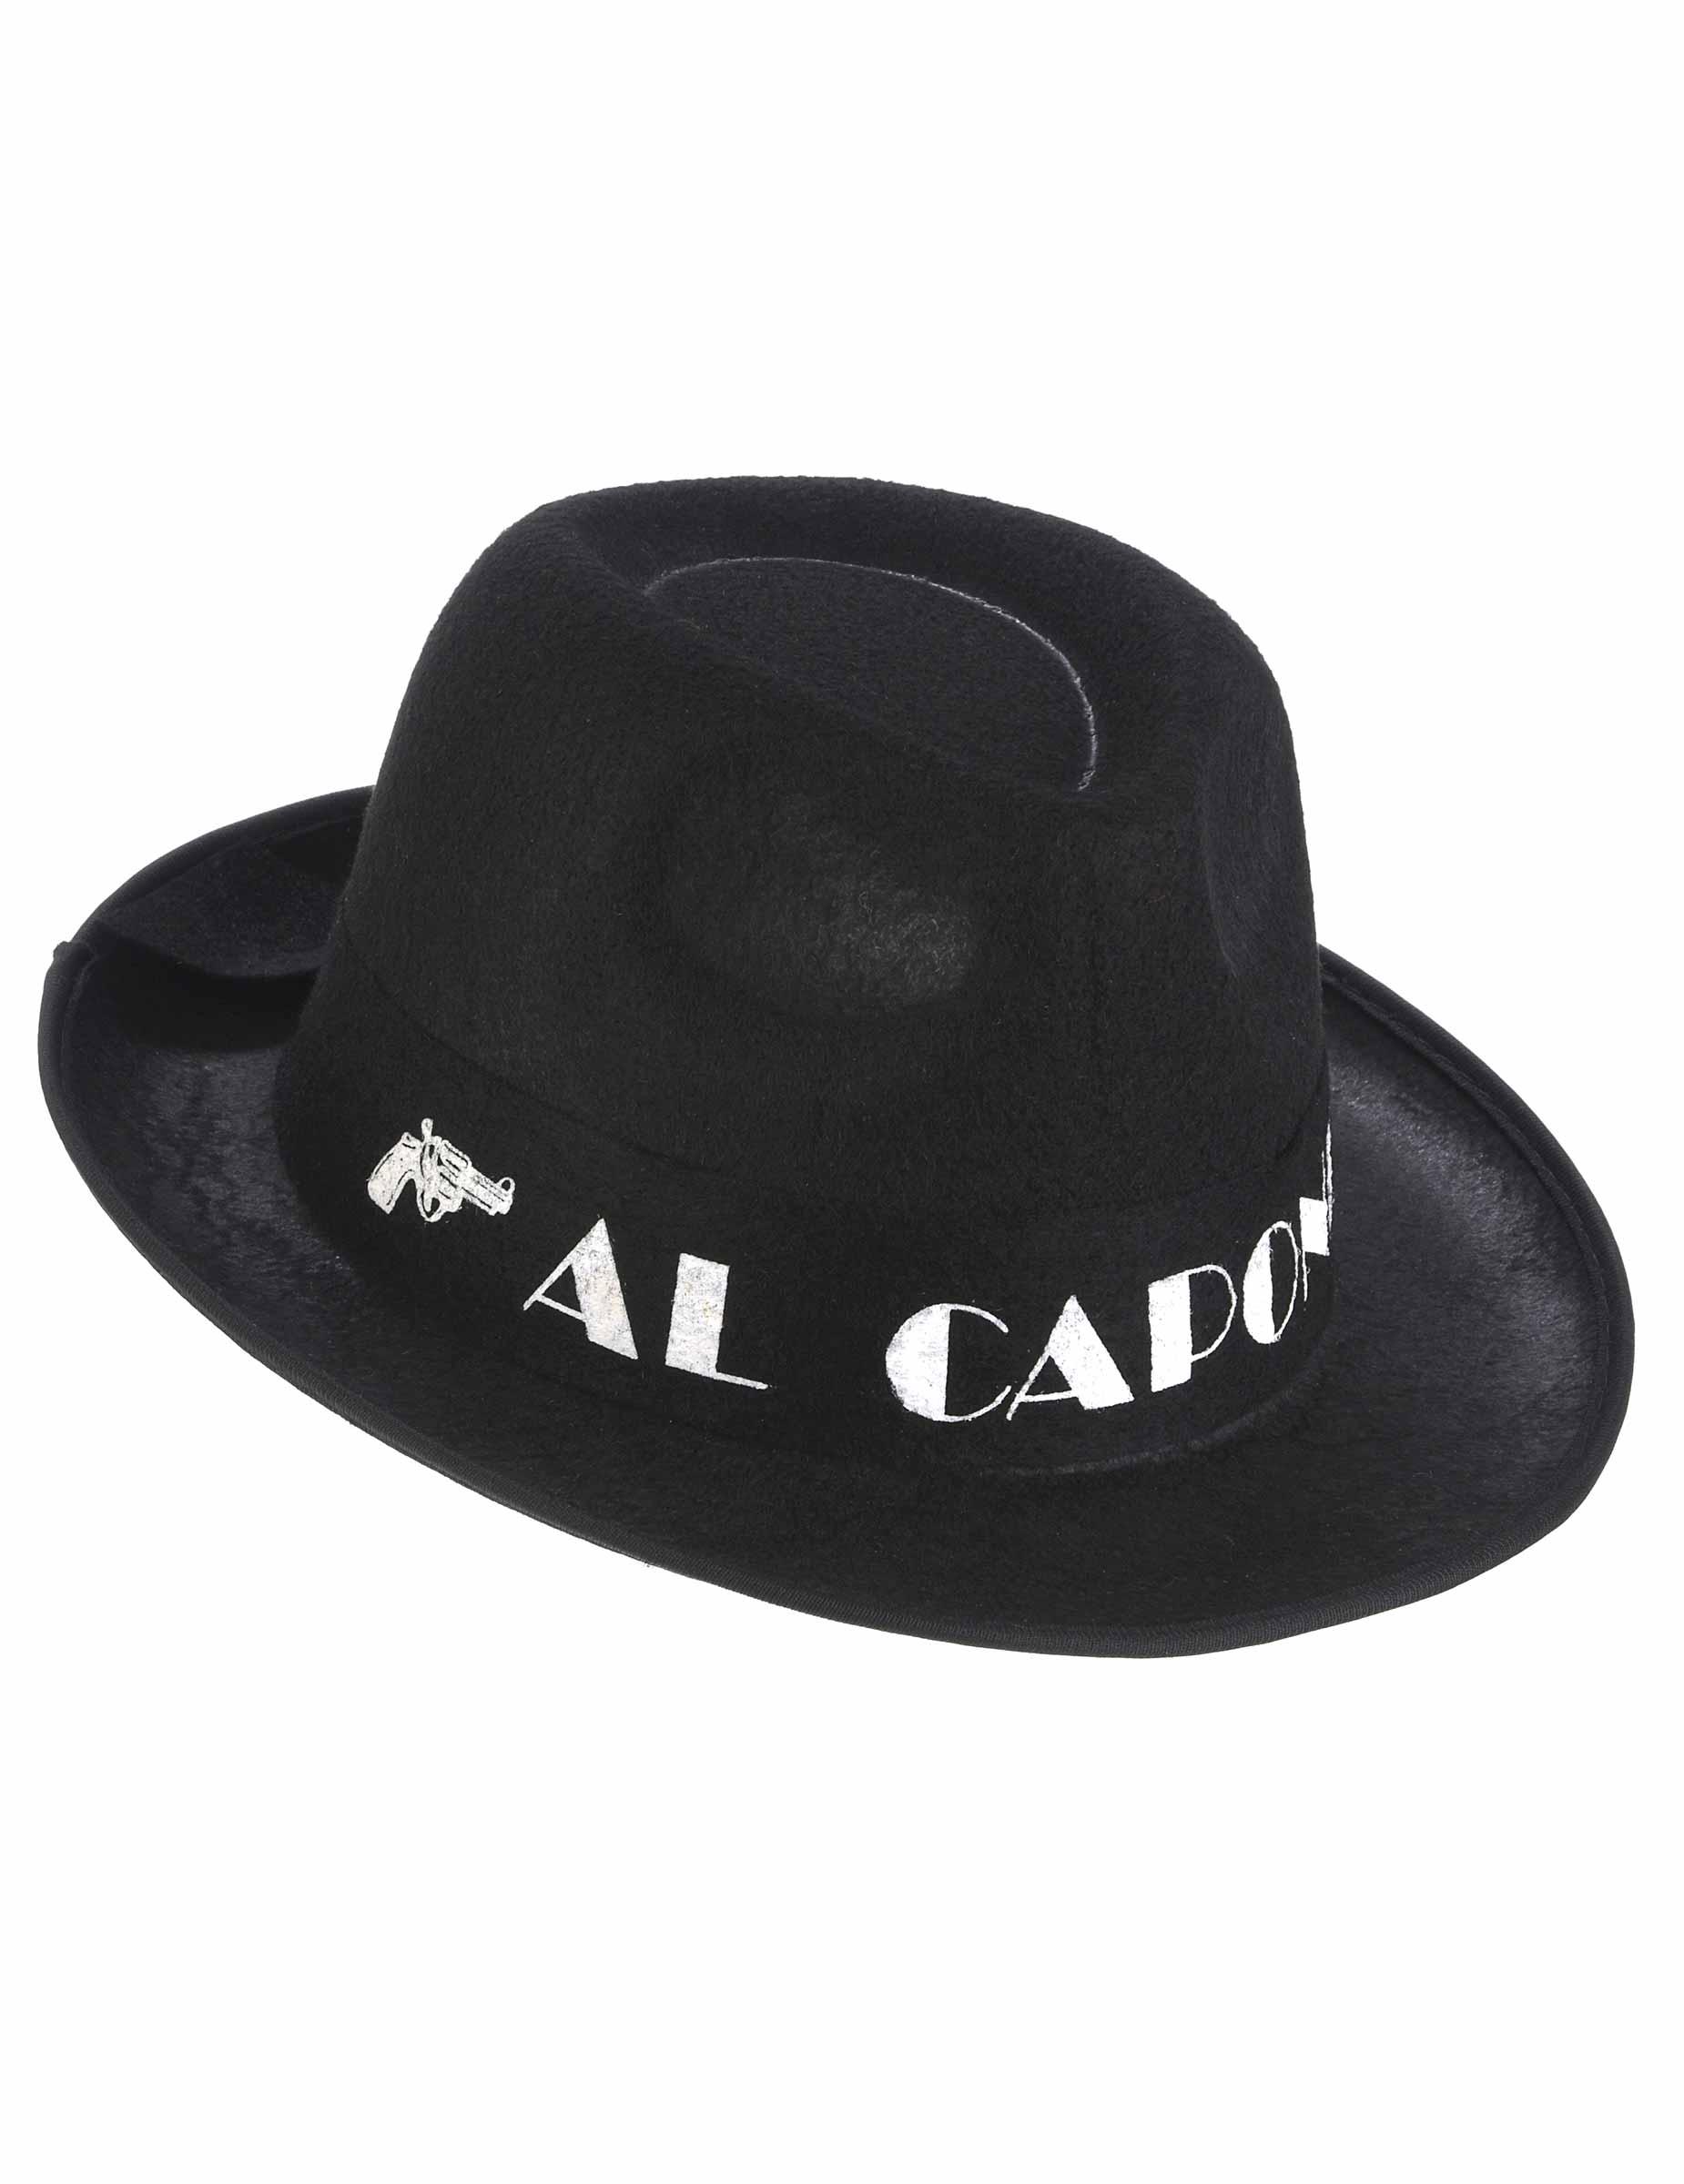 Cappello Borsalino Al Capone nero per adulto  Cappelli a2cacf8f06bf